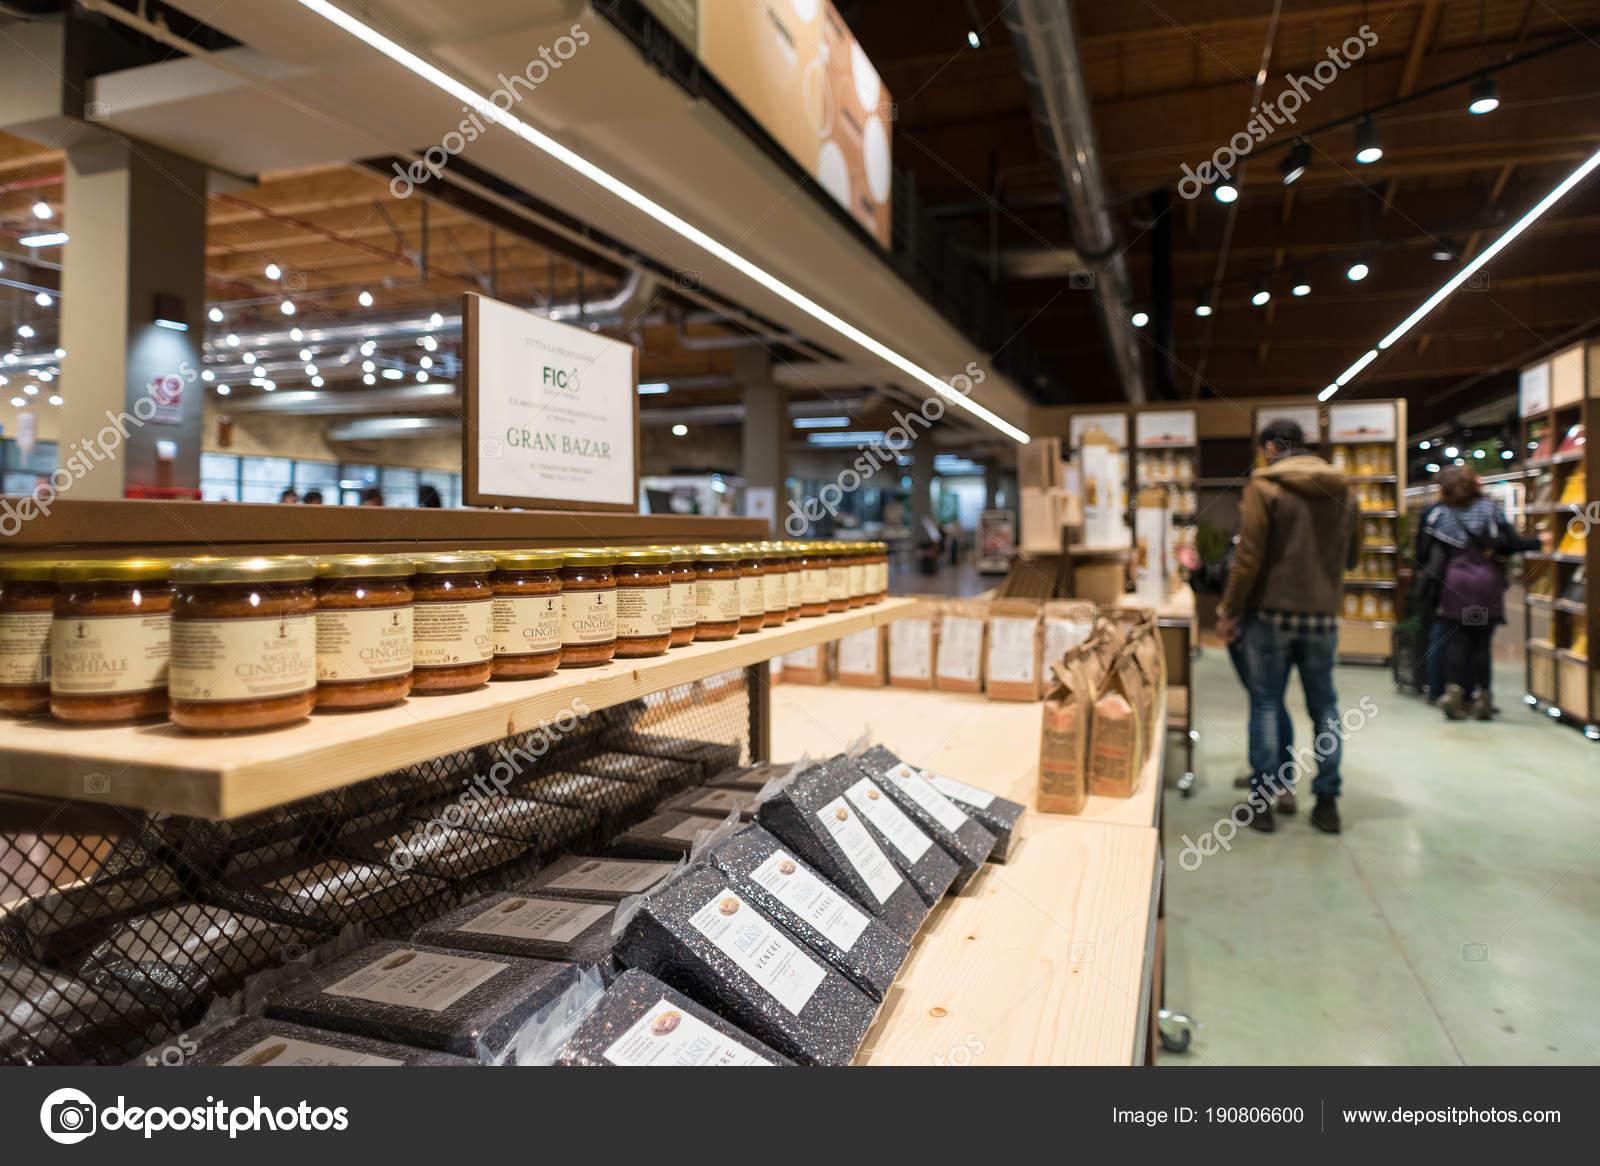 Bologna, Italia   Circa Dicembre 2017: Fico Eataly Mondo, Situato A Bologna,  è Il Più Grande Parco Agroalimentare Nel Mondo. Vista Interna U2014 Foto Di Pio3